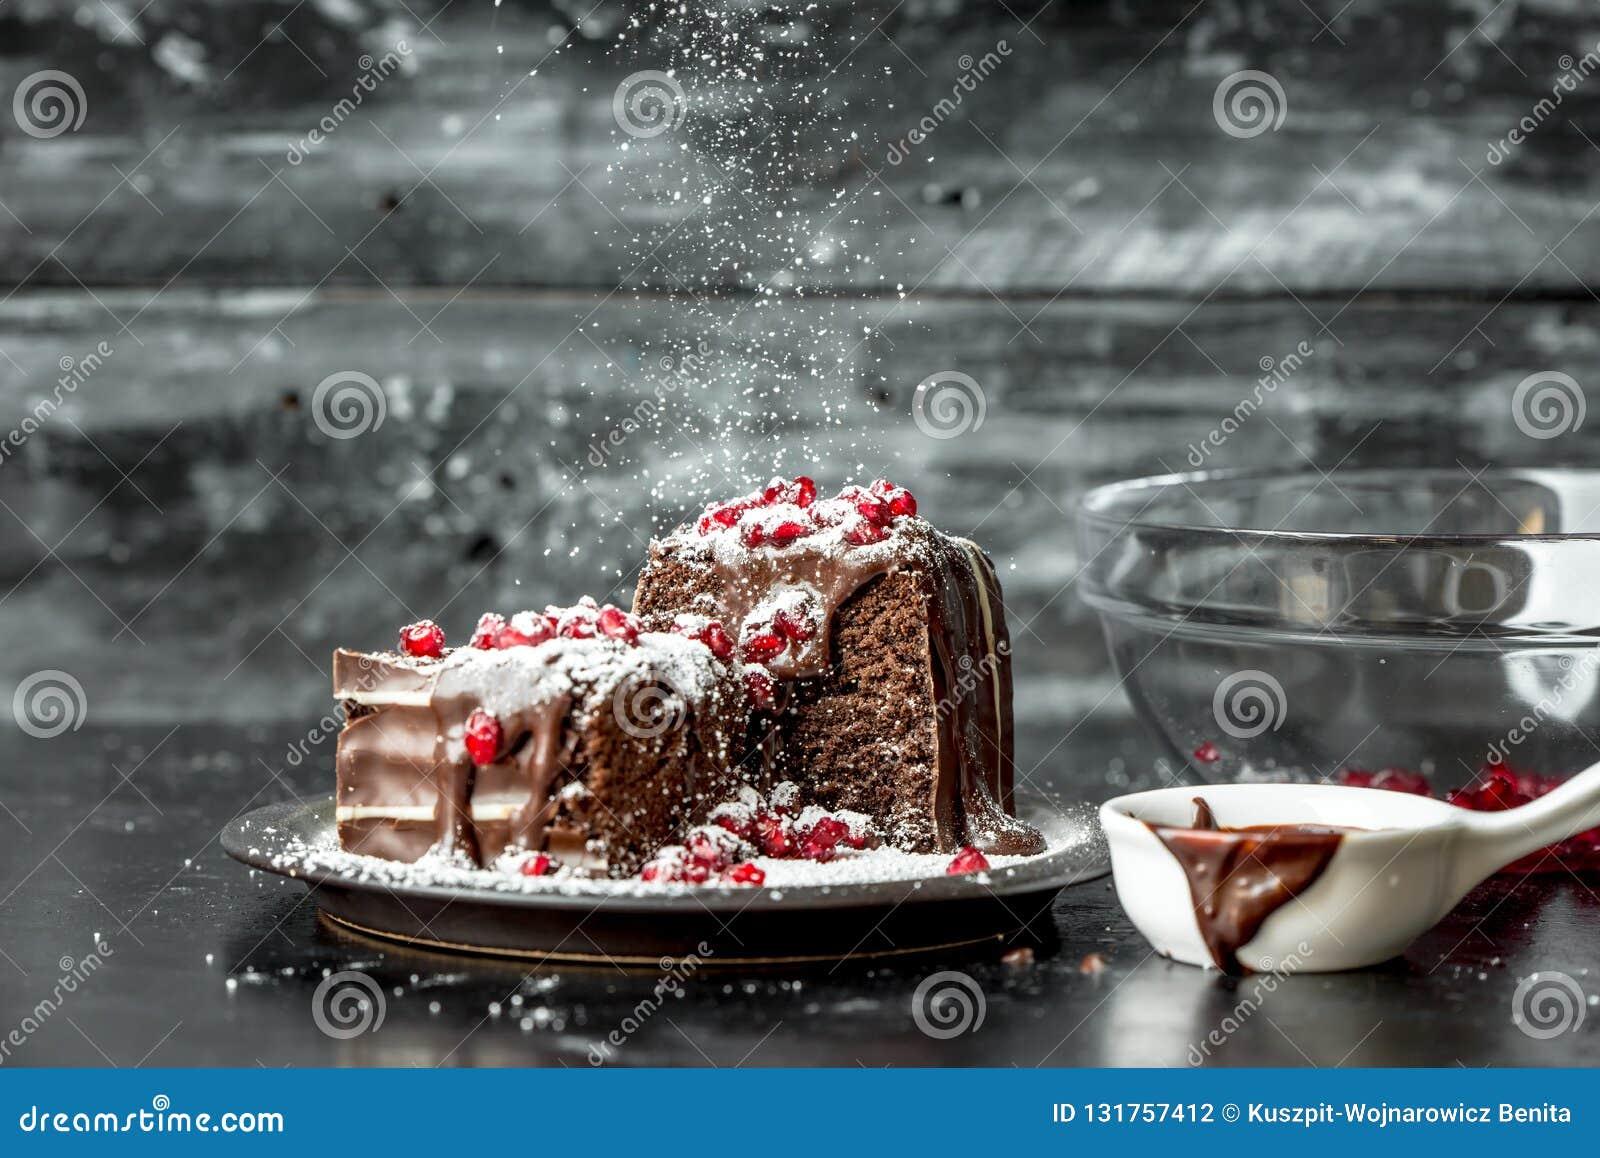 Des moments doux - moments doux - les  brownie  ont versé le chocolat chaud et liquide, arrosé avec les graines rouges de grenade